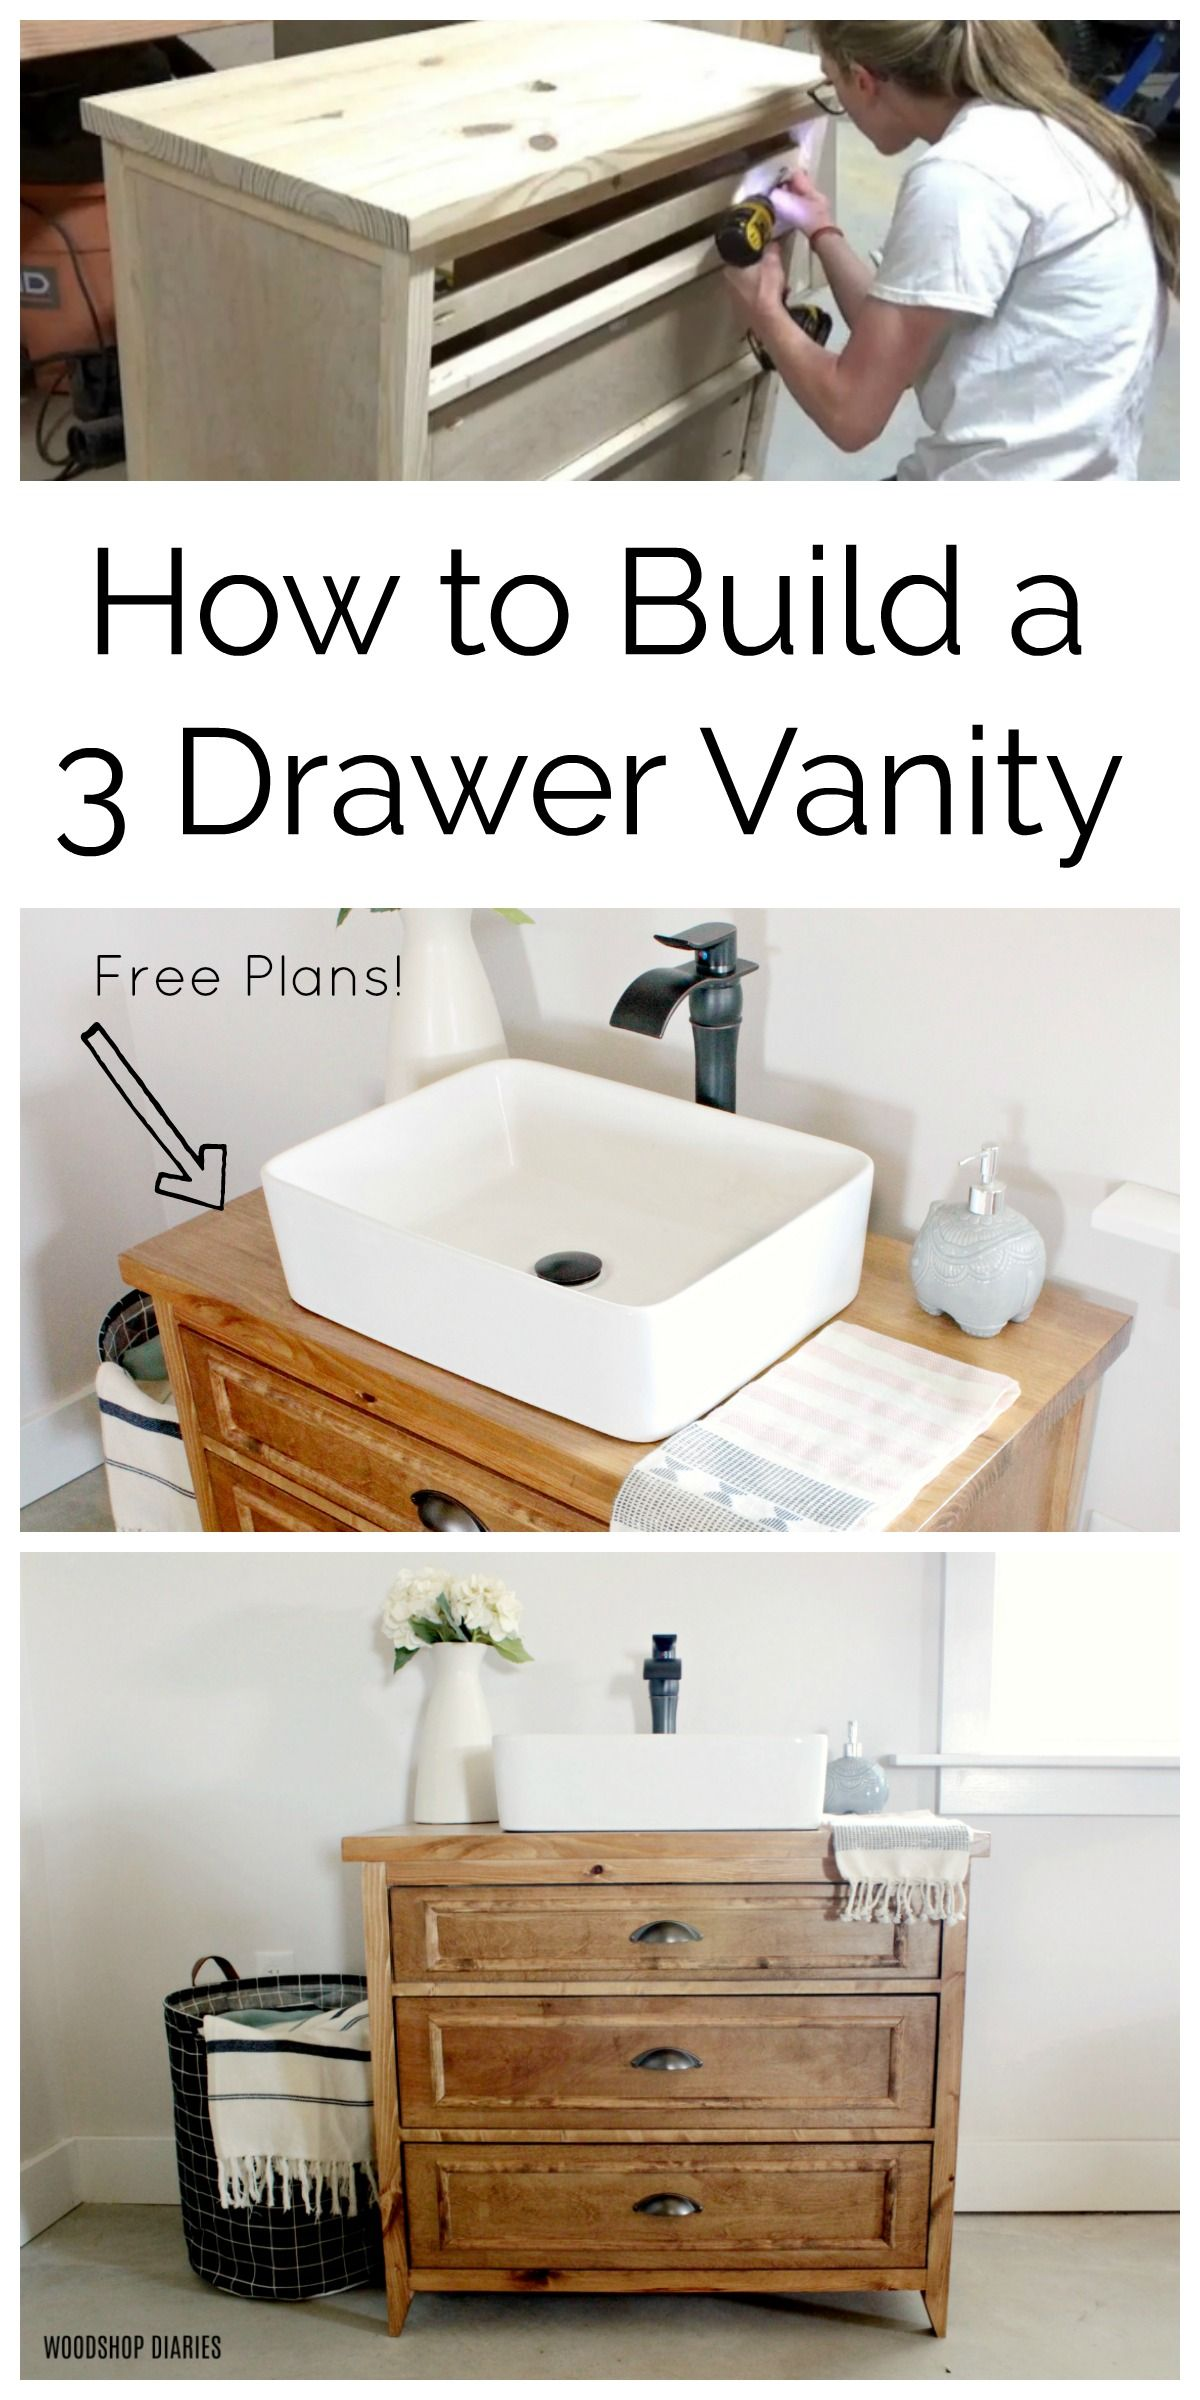 How To Build A Diy Vanity With Drawers Free Plans And Video Bathroom Sink Vanity Small Bathroom Vanities Wood Bathroom Vanity [ 2400 x 1200 Pixel ]